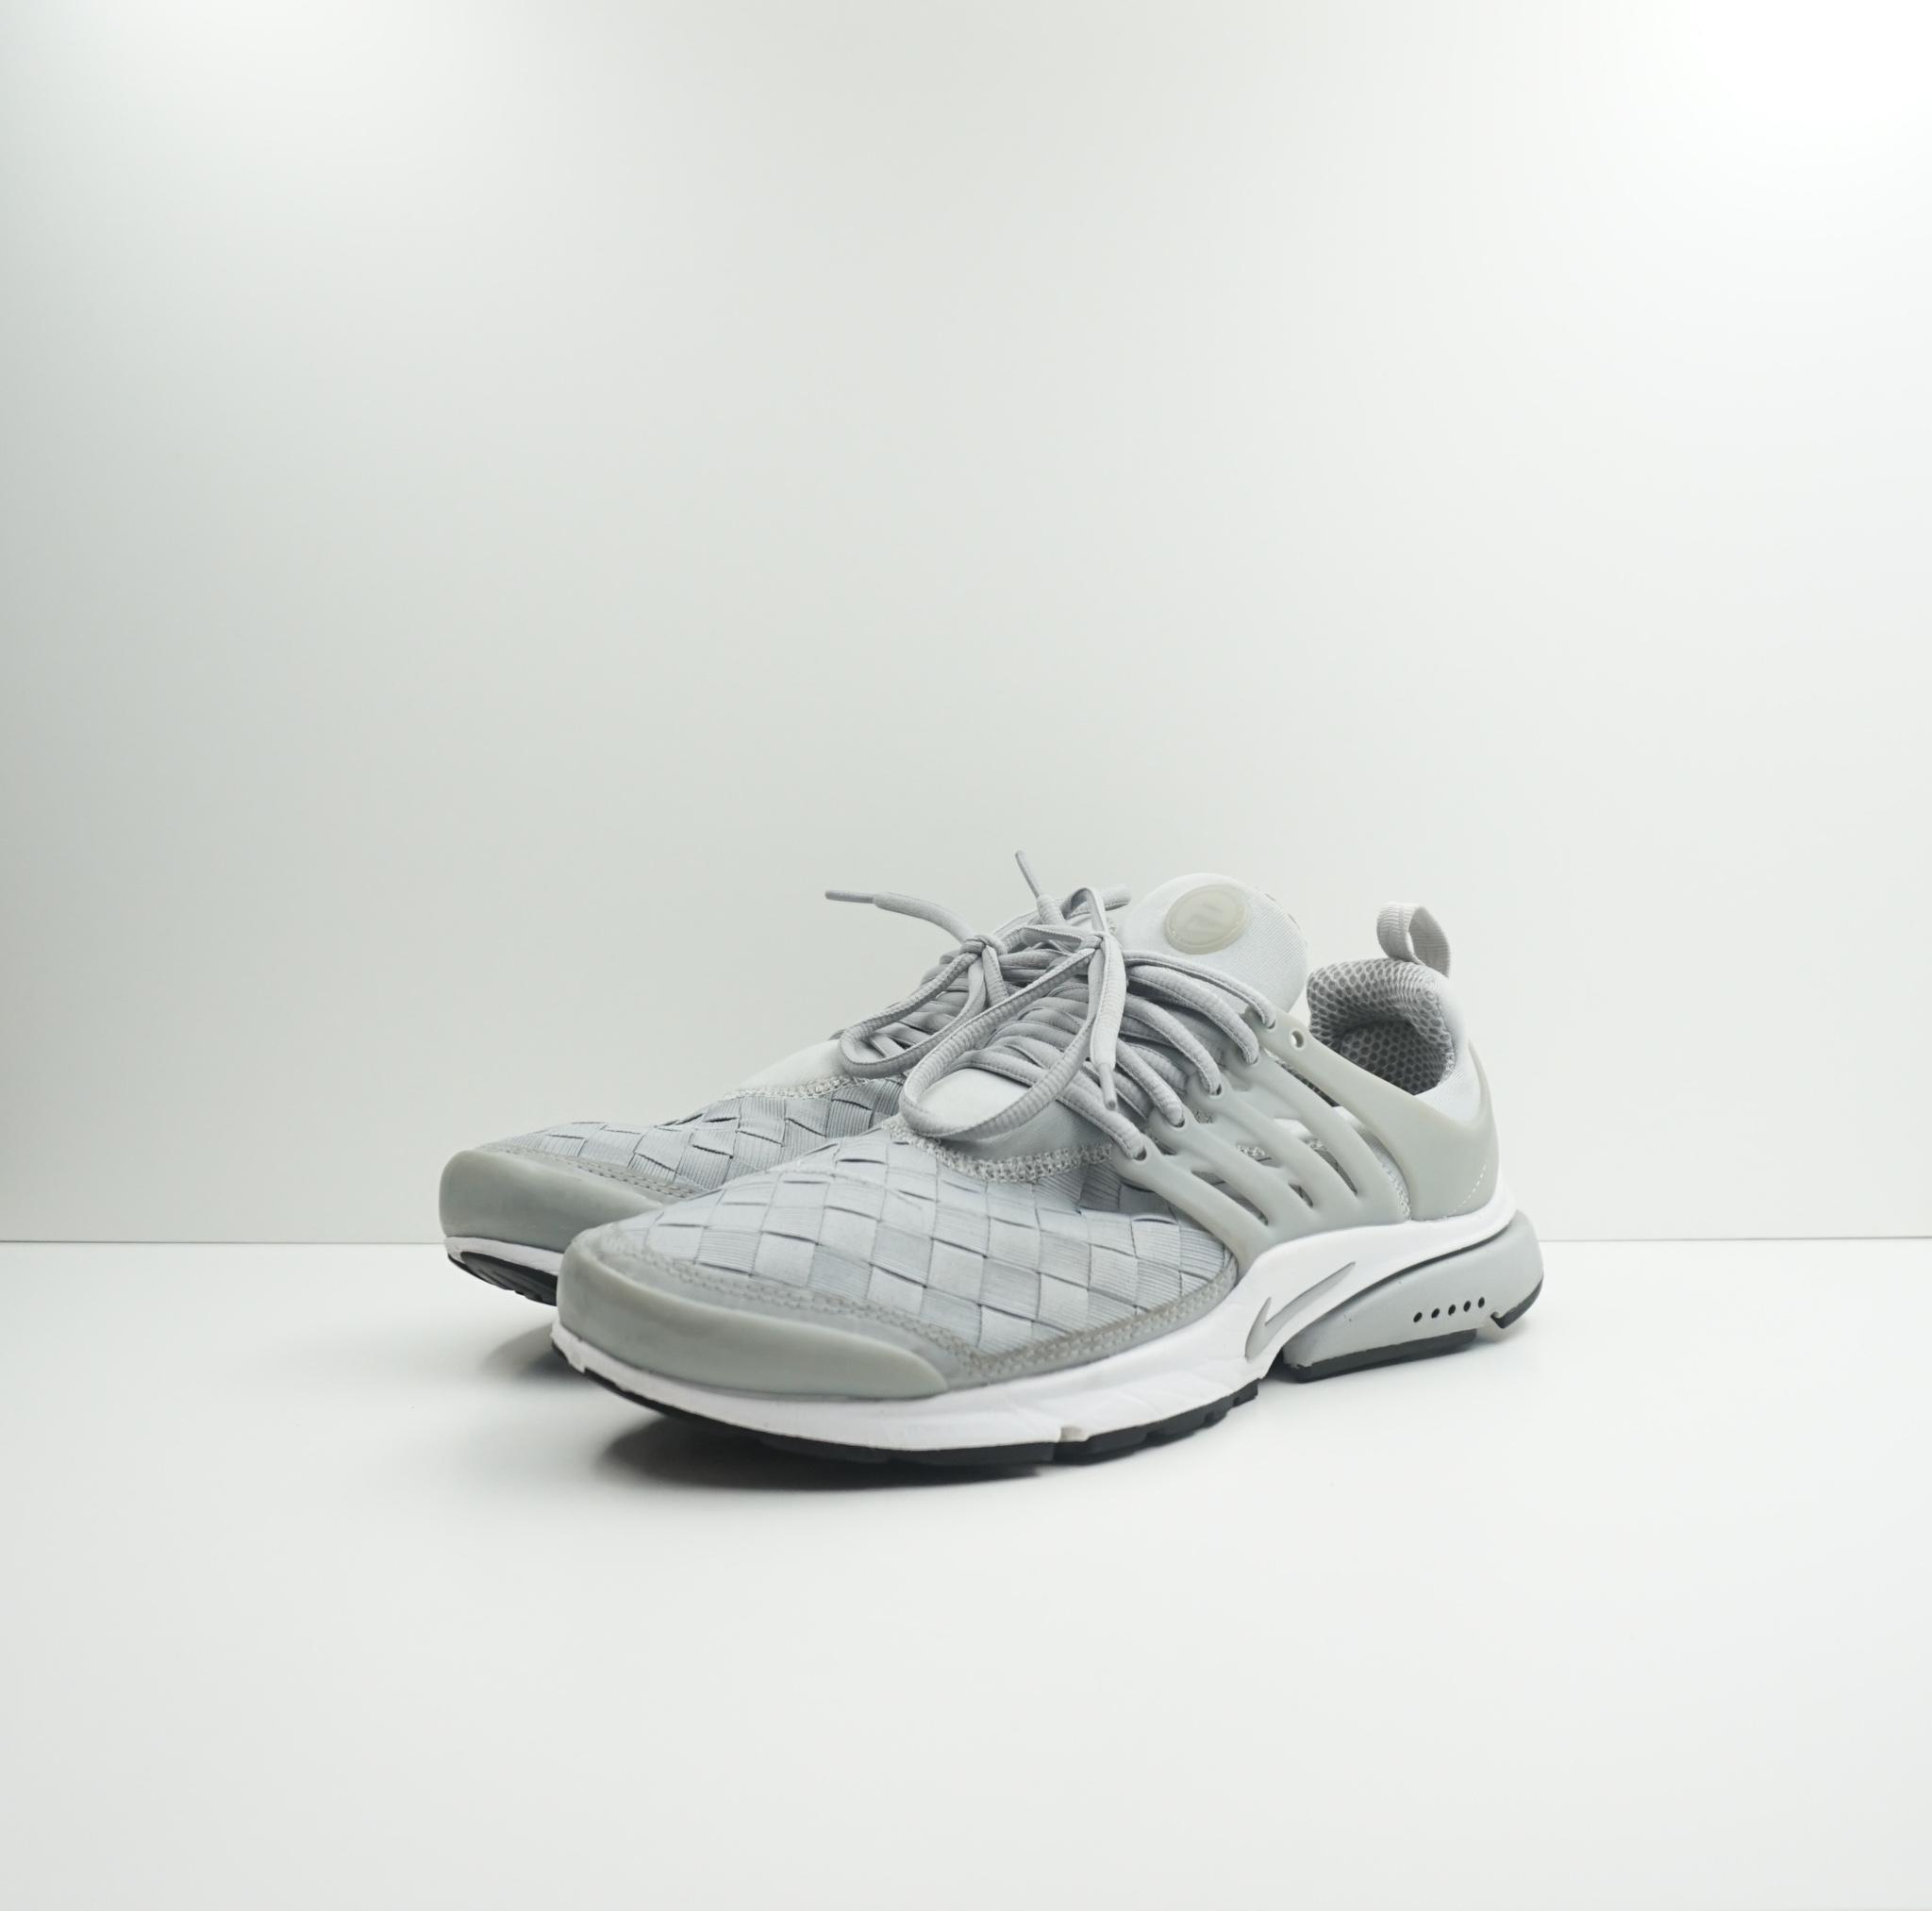 Nike Air Presto SE Wolf Grey